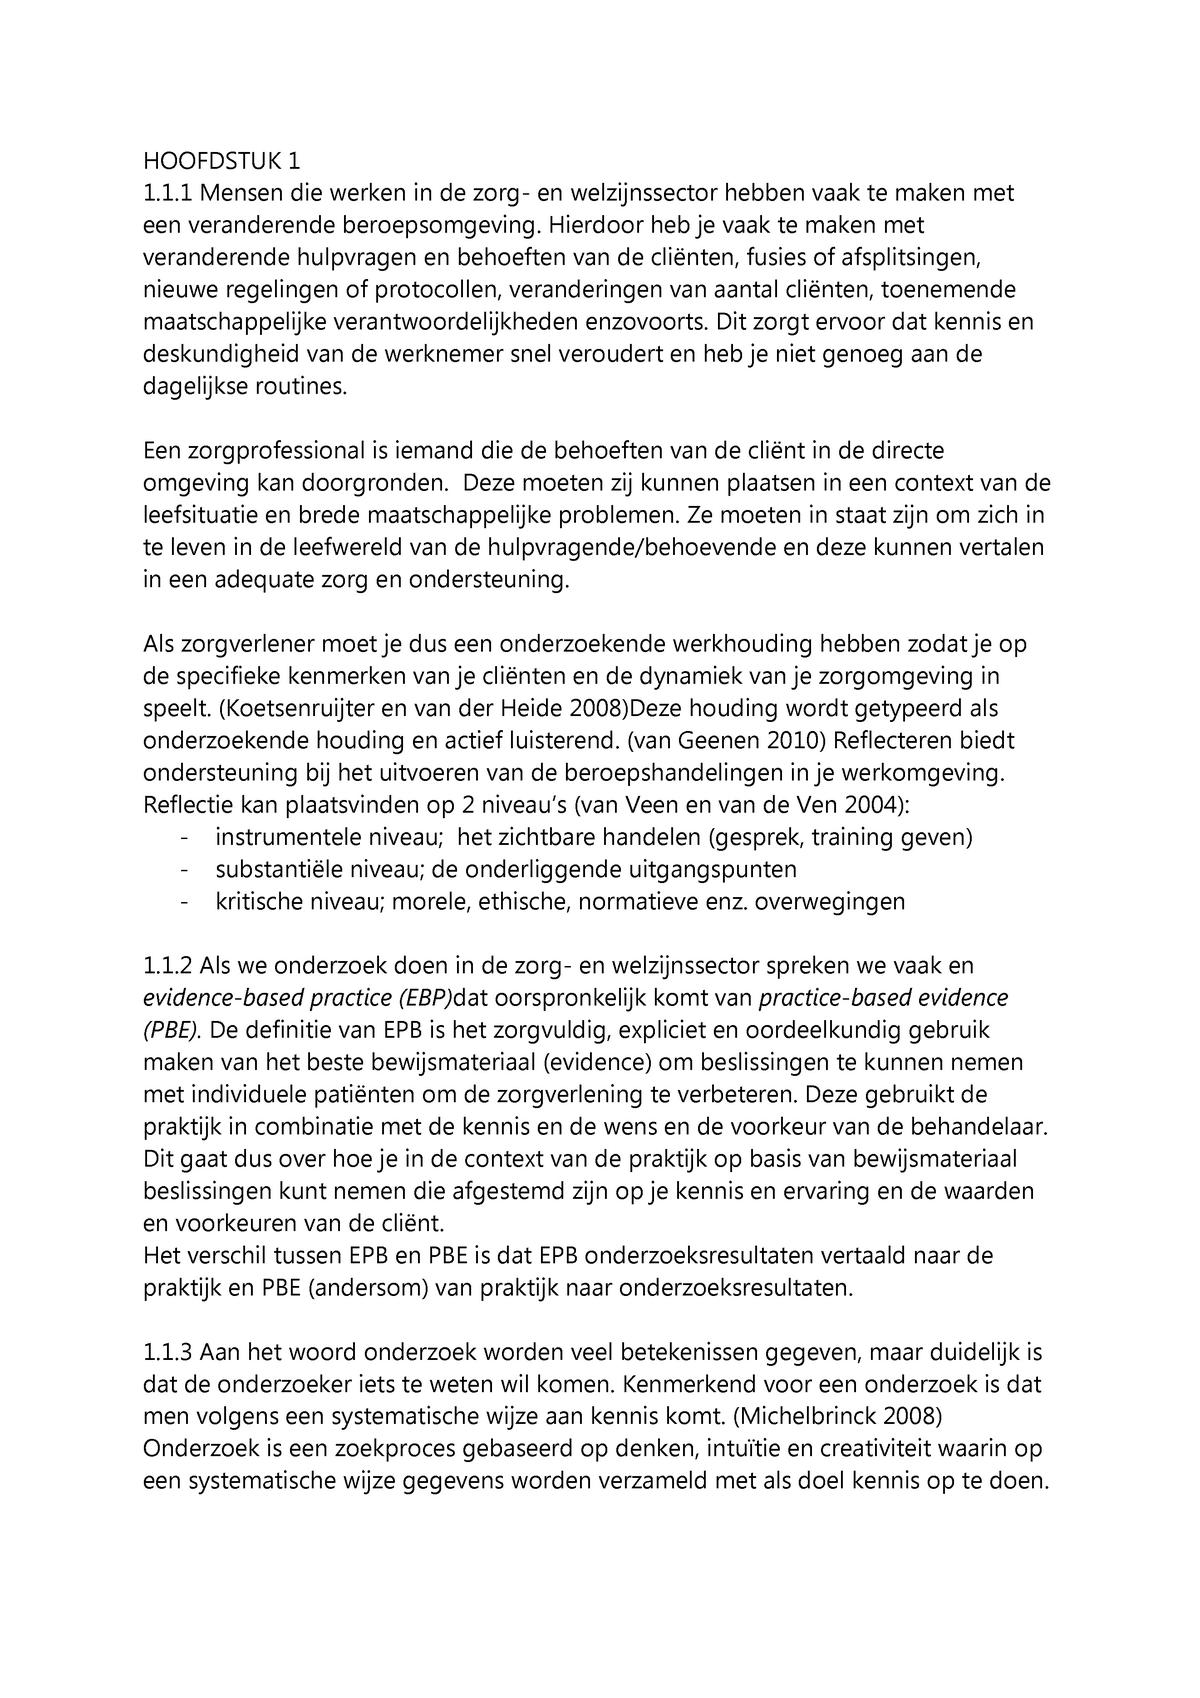 Wonderlijk Samenvatting Praktijkonderzoek in zorg en welzijn. - StudeerSnel.nl BV-23